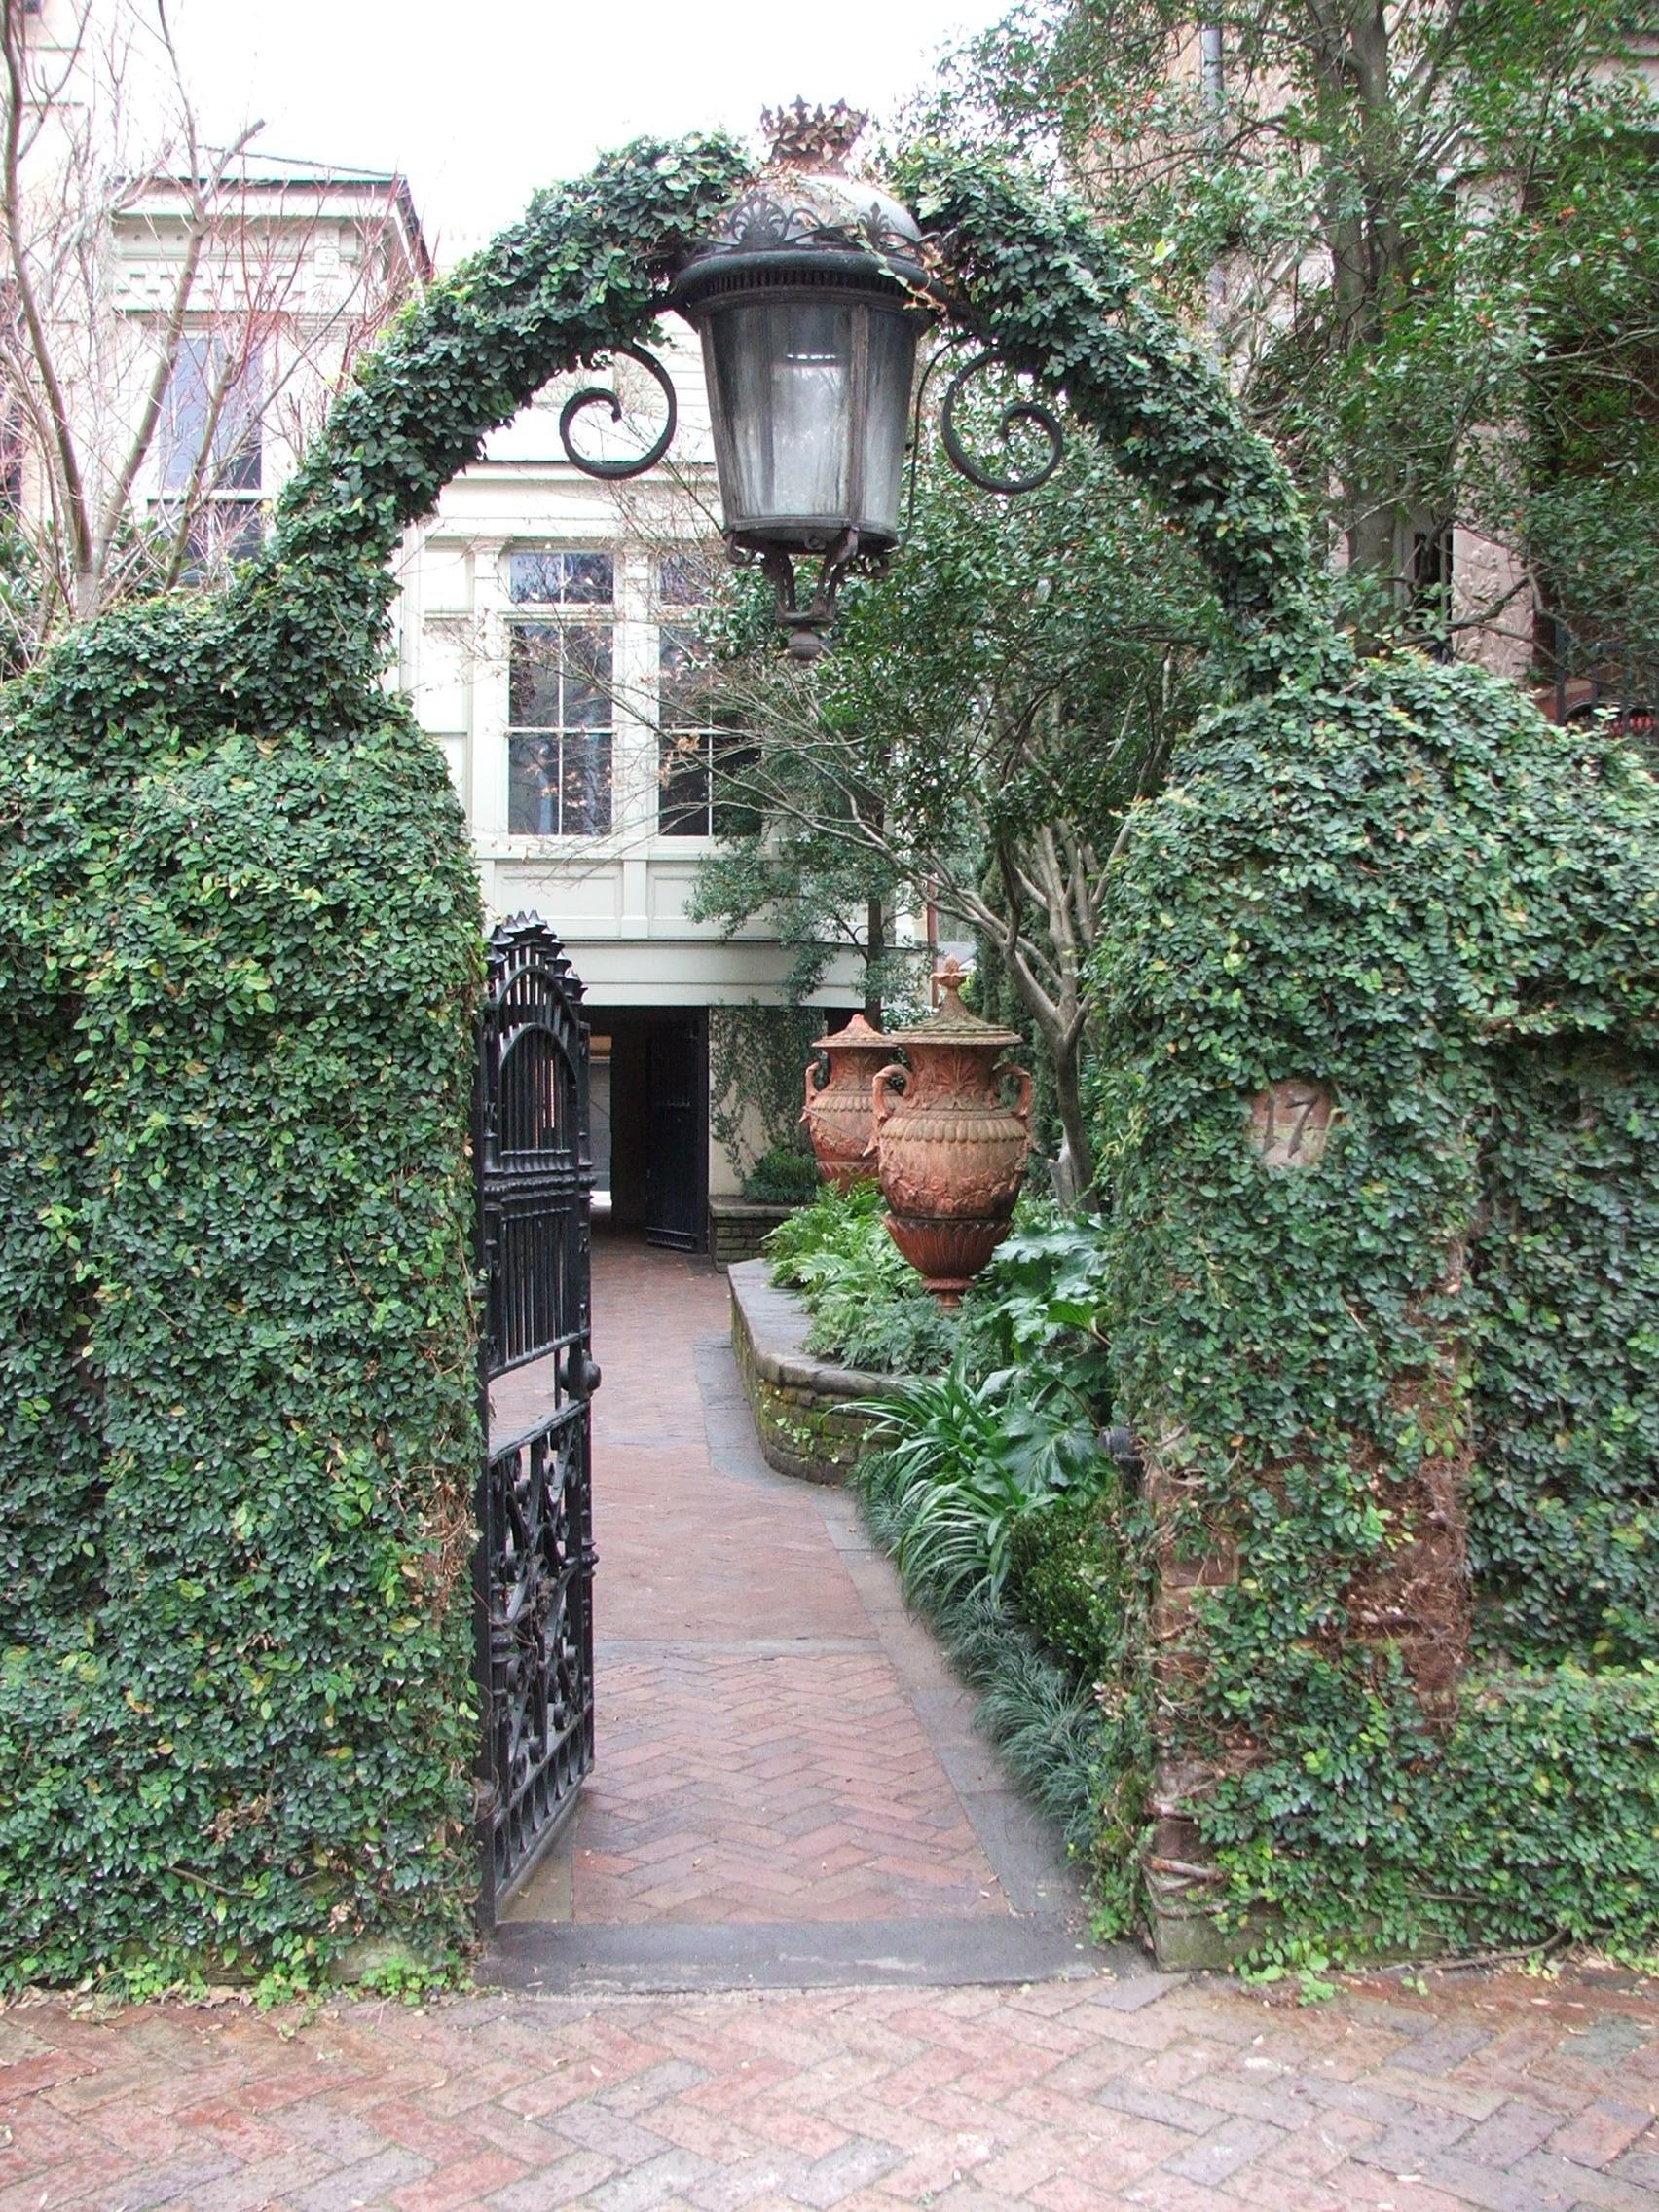 Peeking into a lush courtyard...